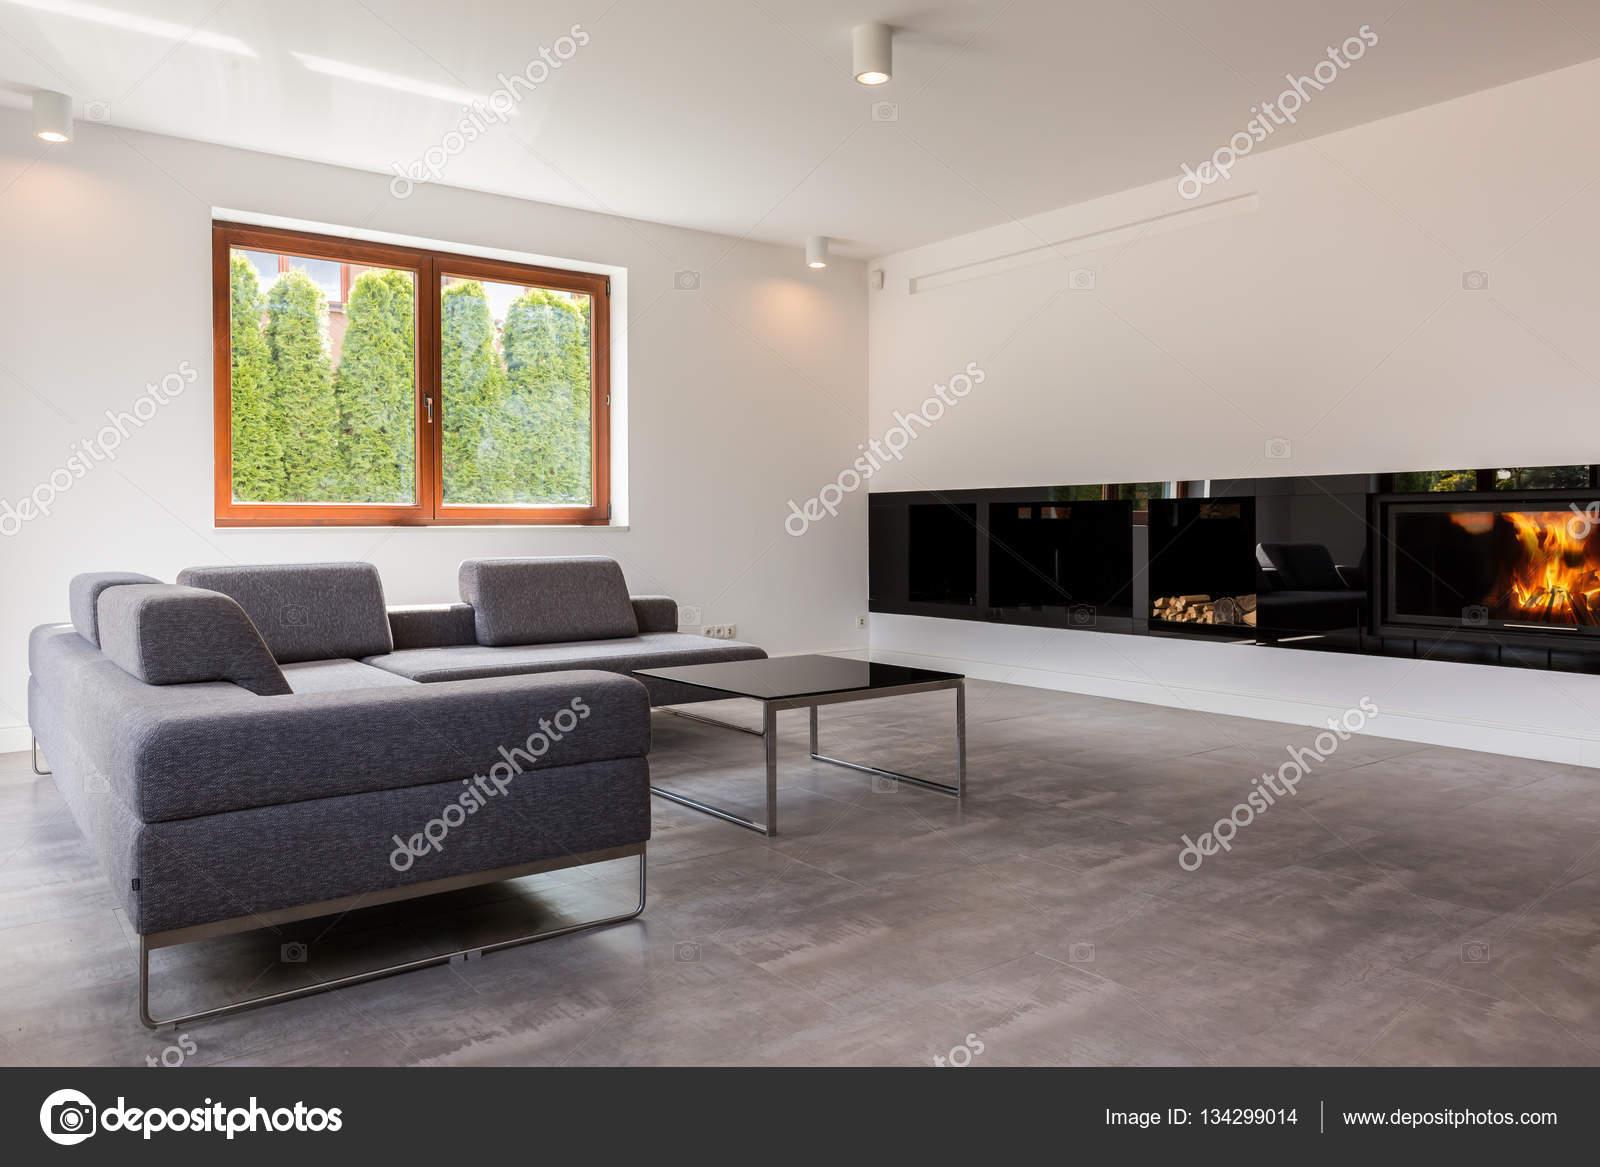 Stijlvolle woonkamer met moderne open haard u stockfoto